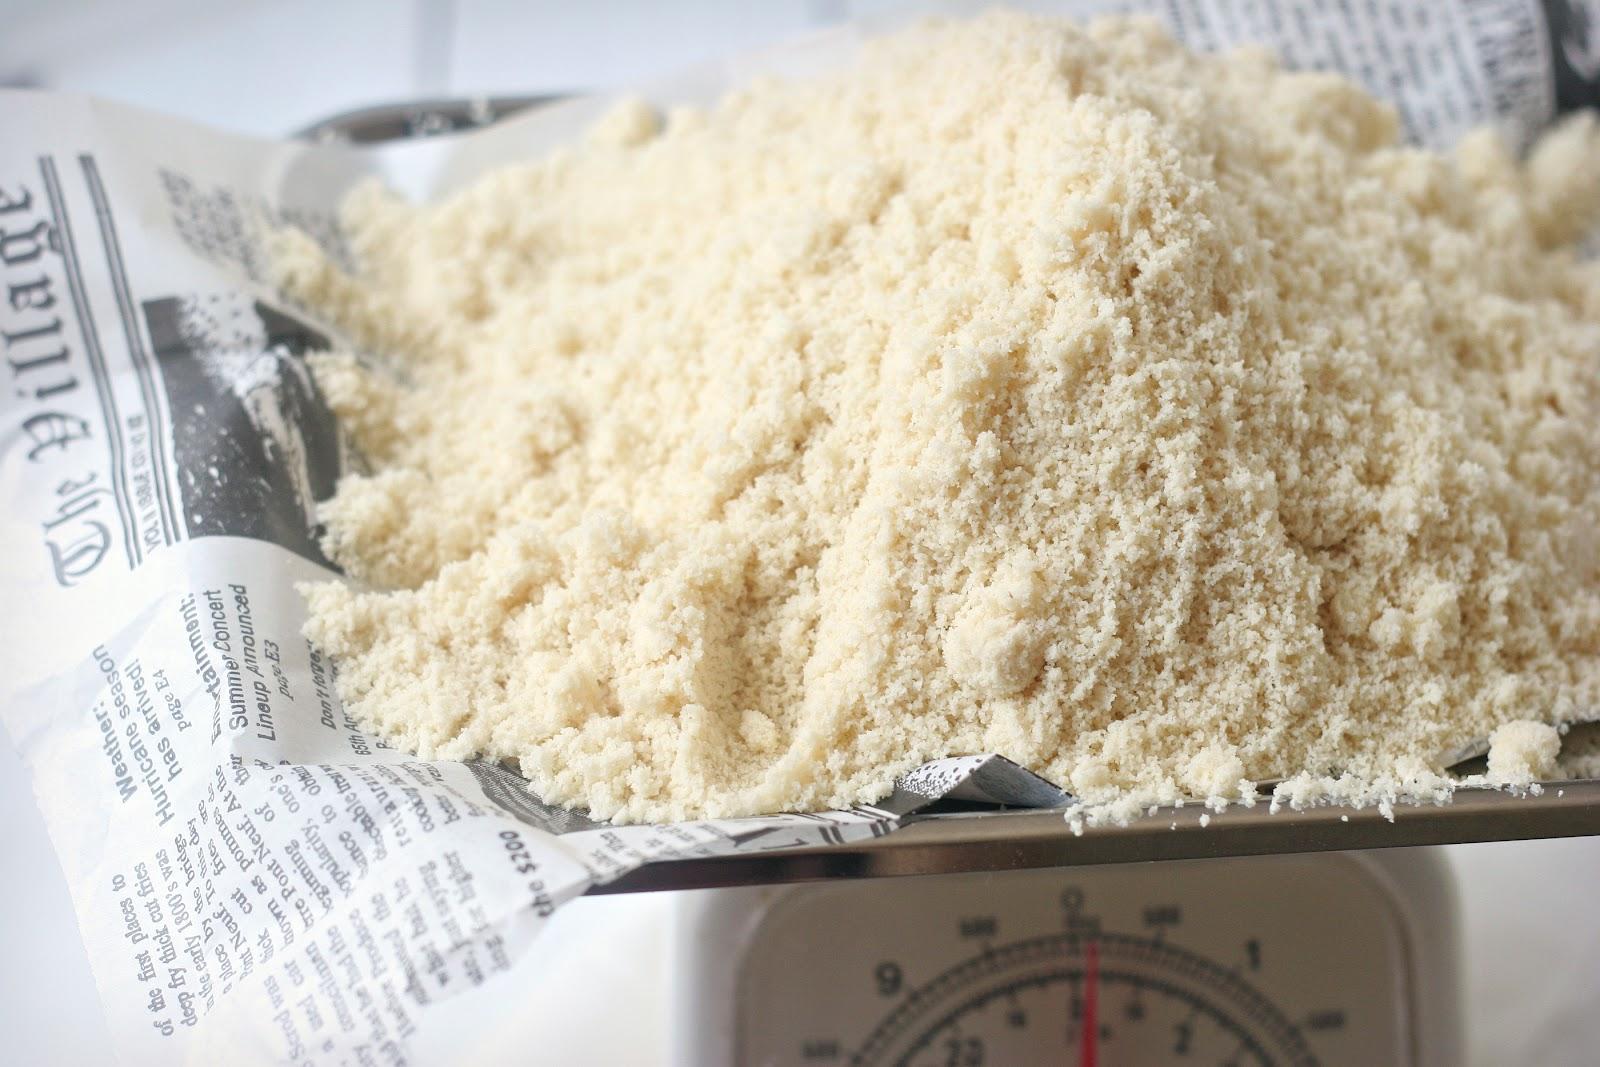 http://2.bp.blogspot.com/-6PKCIv1P8Fo/T7HXTvmu-YI/AAAAAAAAELc/dFG6cv4tHPs/s1600/flour%2Bon%2Bscale%2B2.jpg